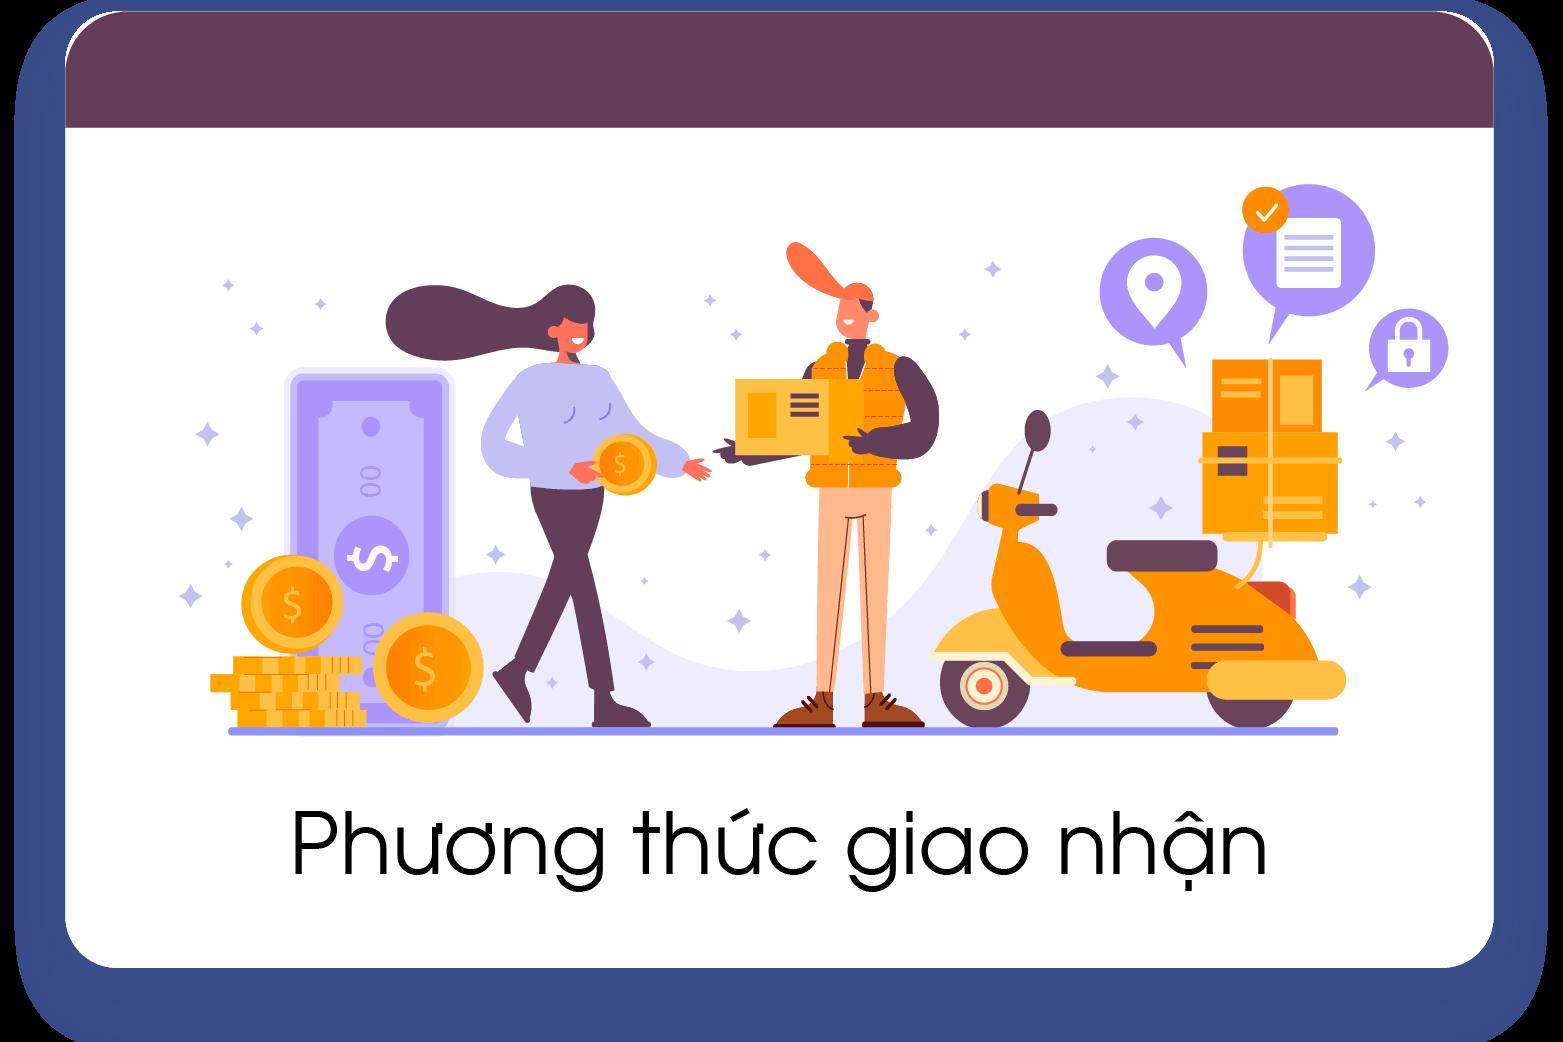 Phương thức giao hàng taoquangcao.com